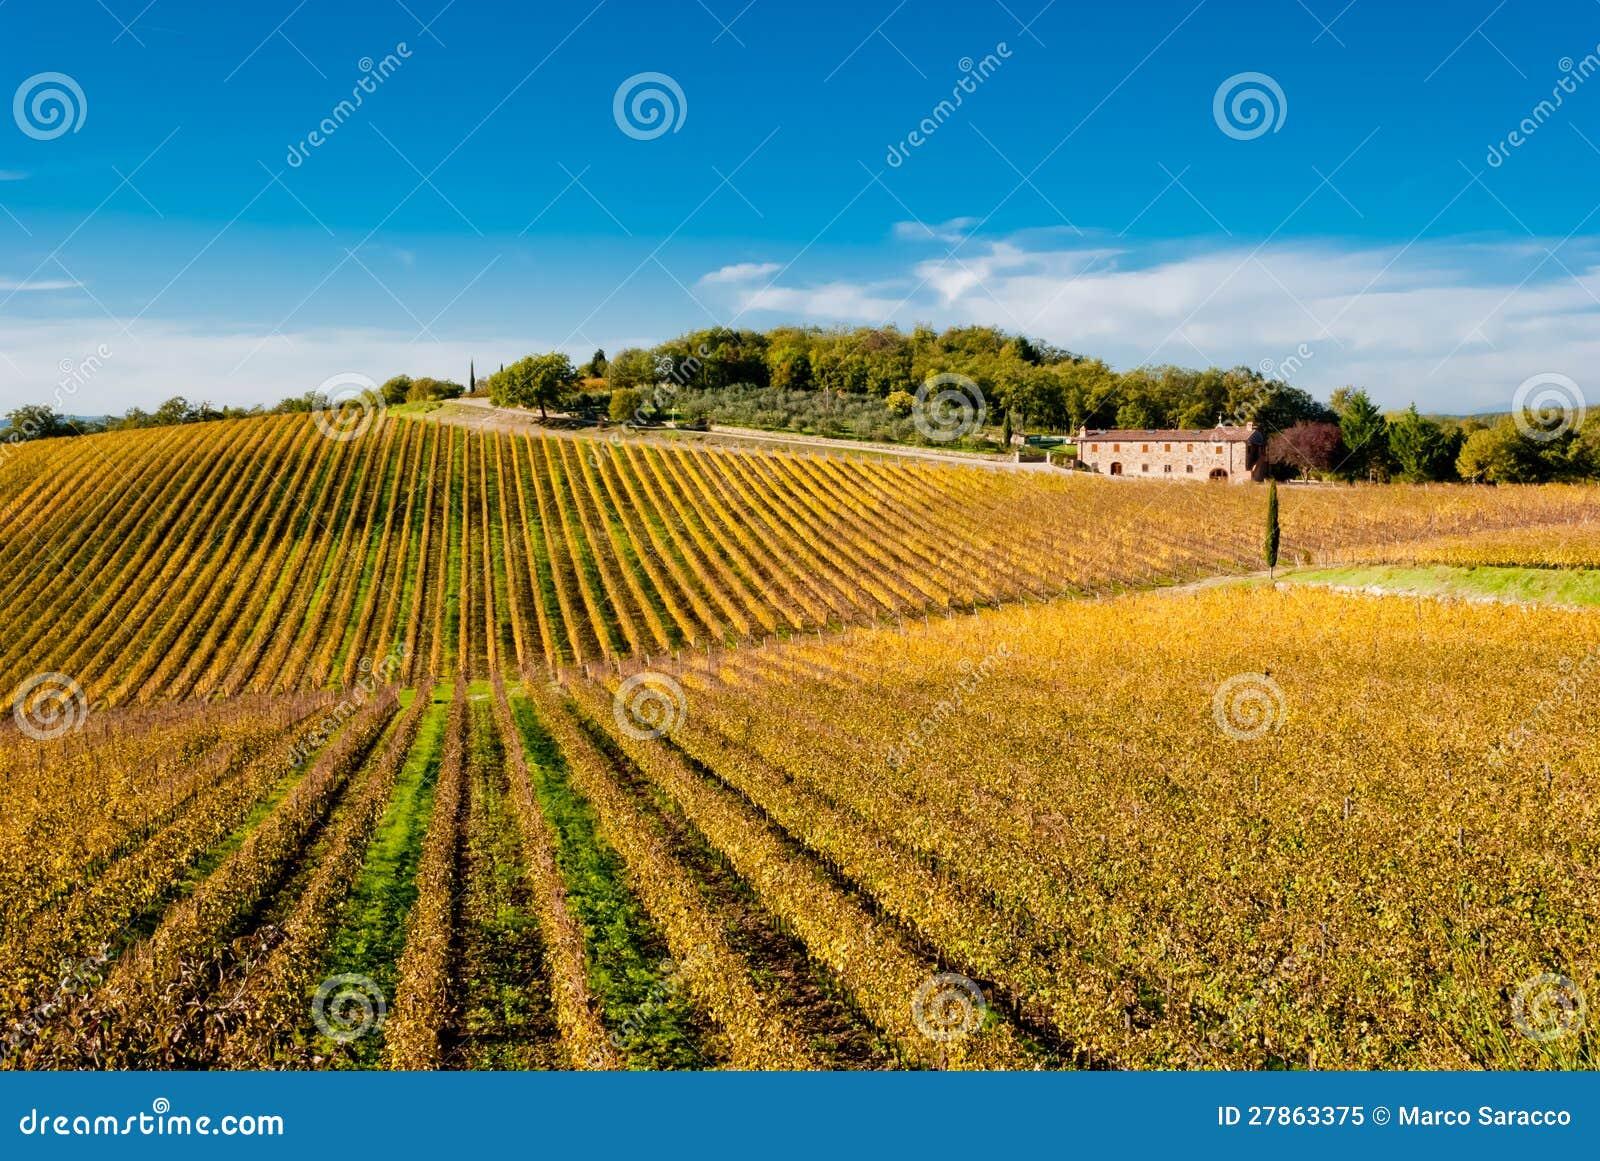 Vinhedos da região do vinho de Chianti, Toscânia